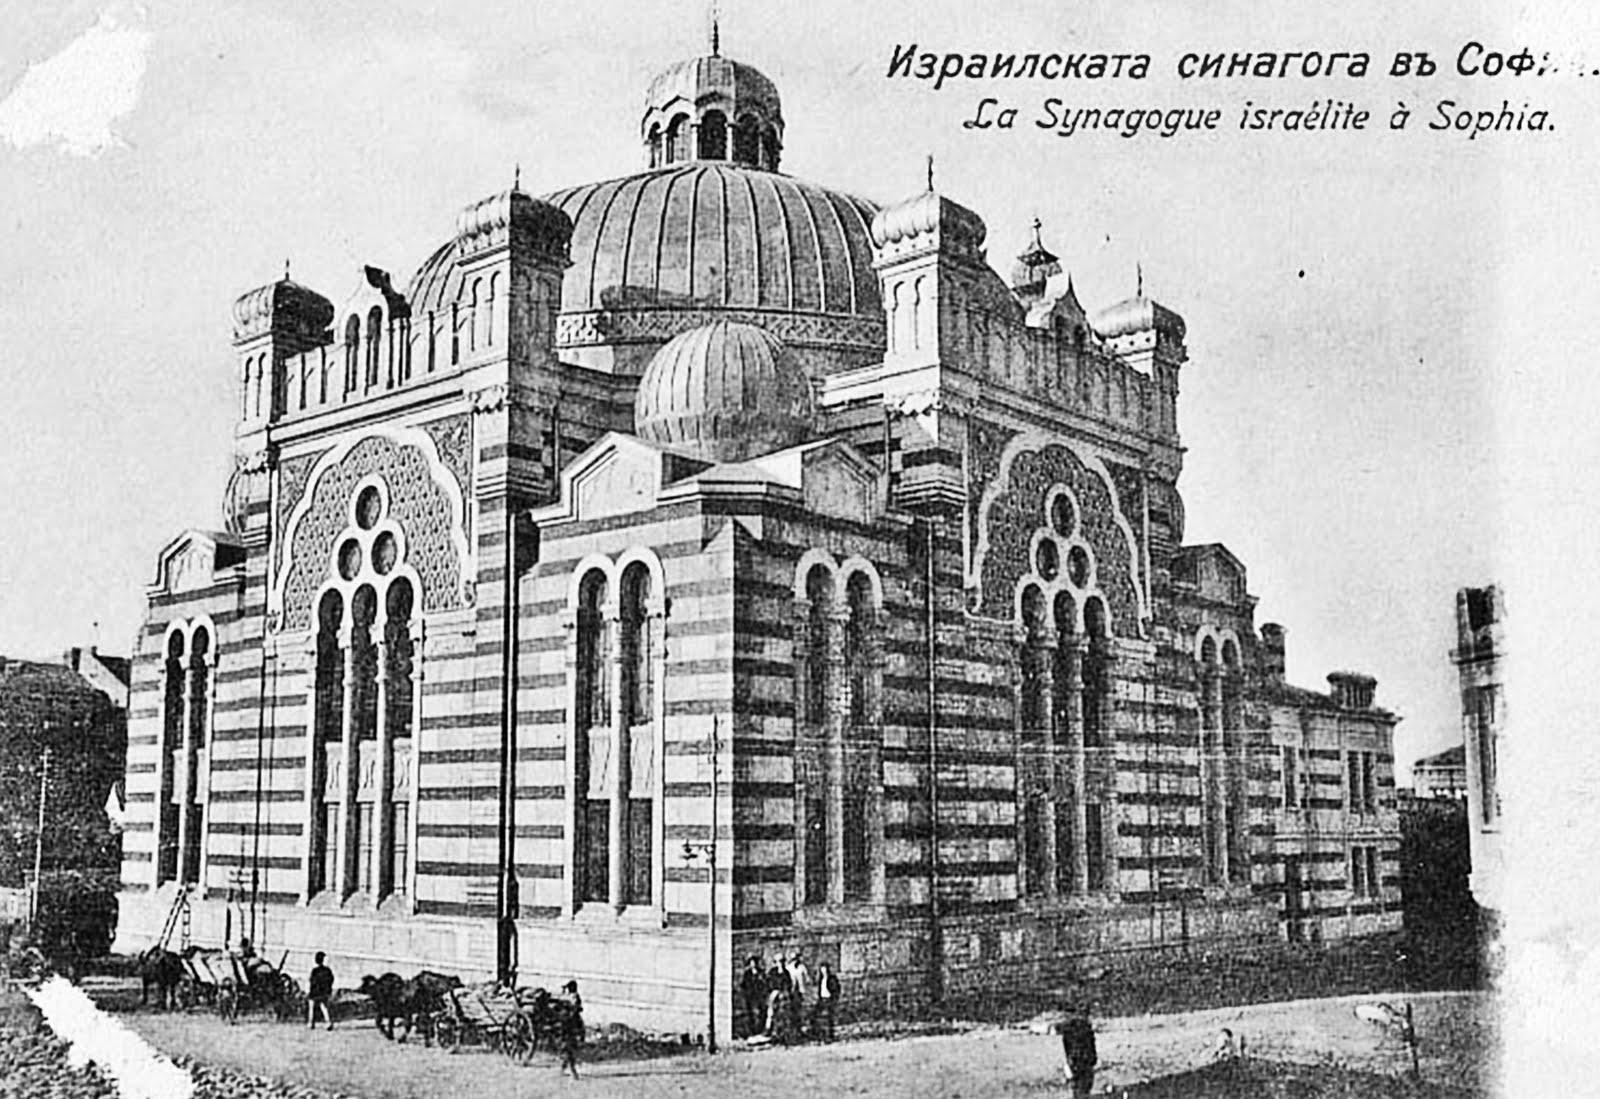 La Bulgarie a sauvé tous ses Juifs ! 1940-1944 – Une réalité ou une idée reçue ? Par André Charguéraud